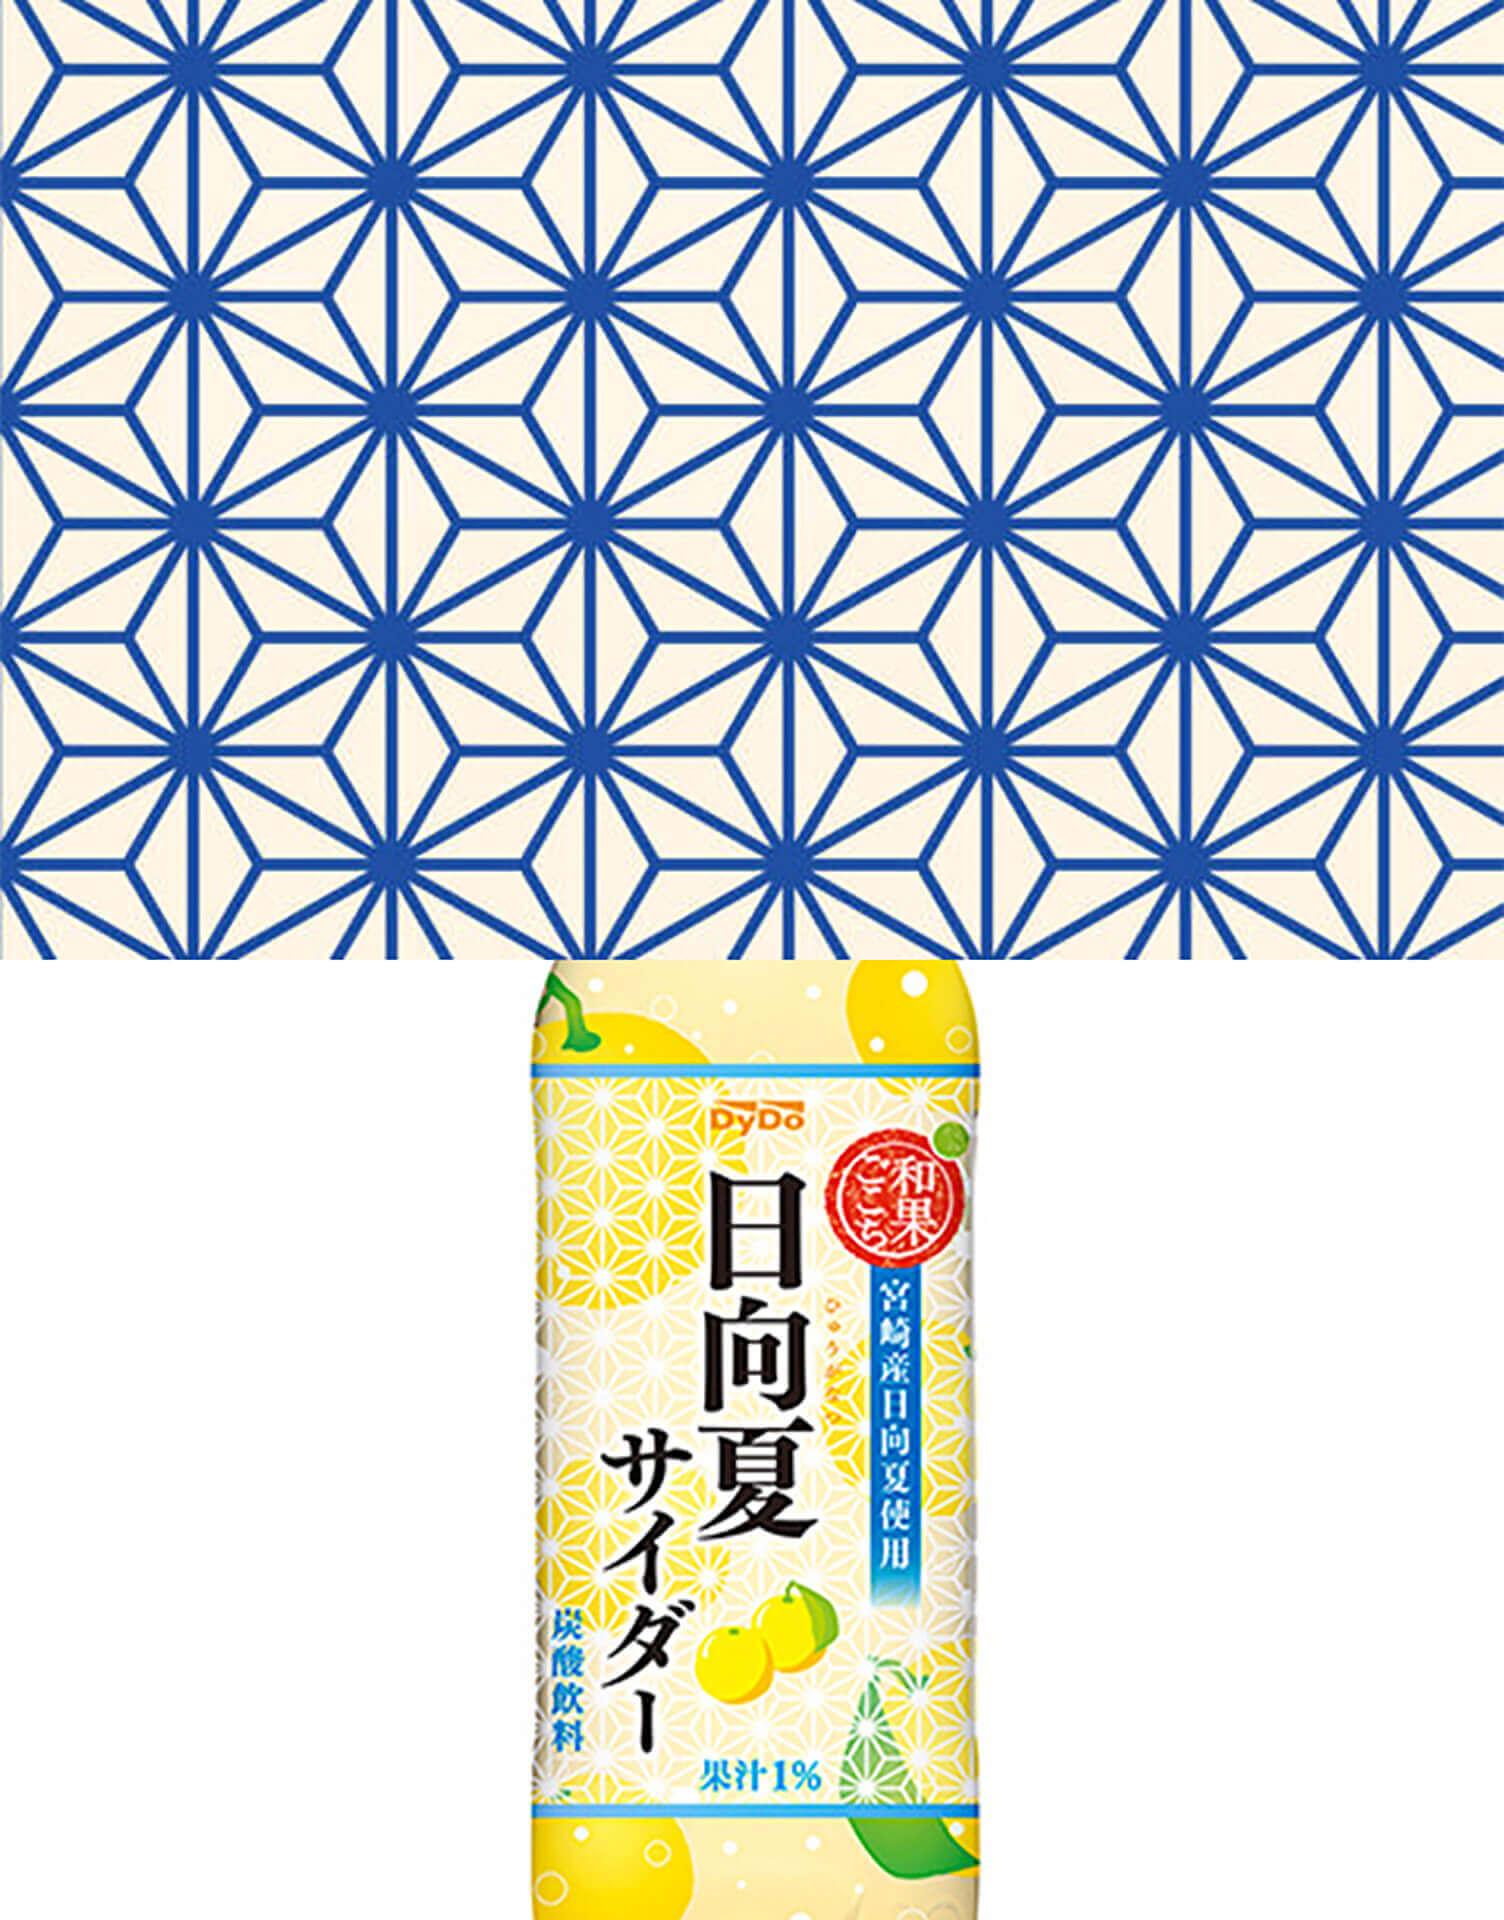 朝の波紋の使用例(日向夏サイダー)